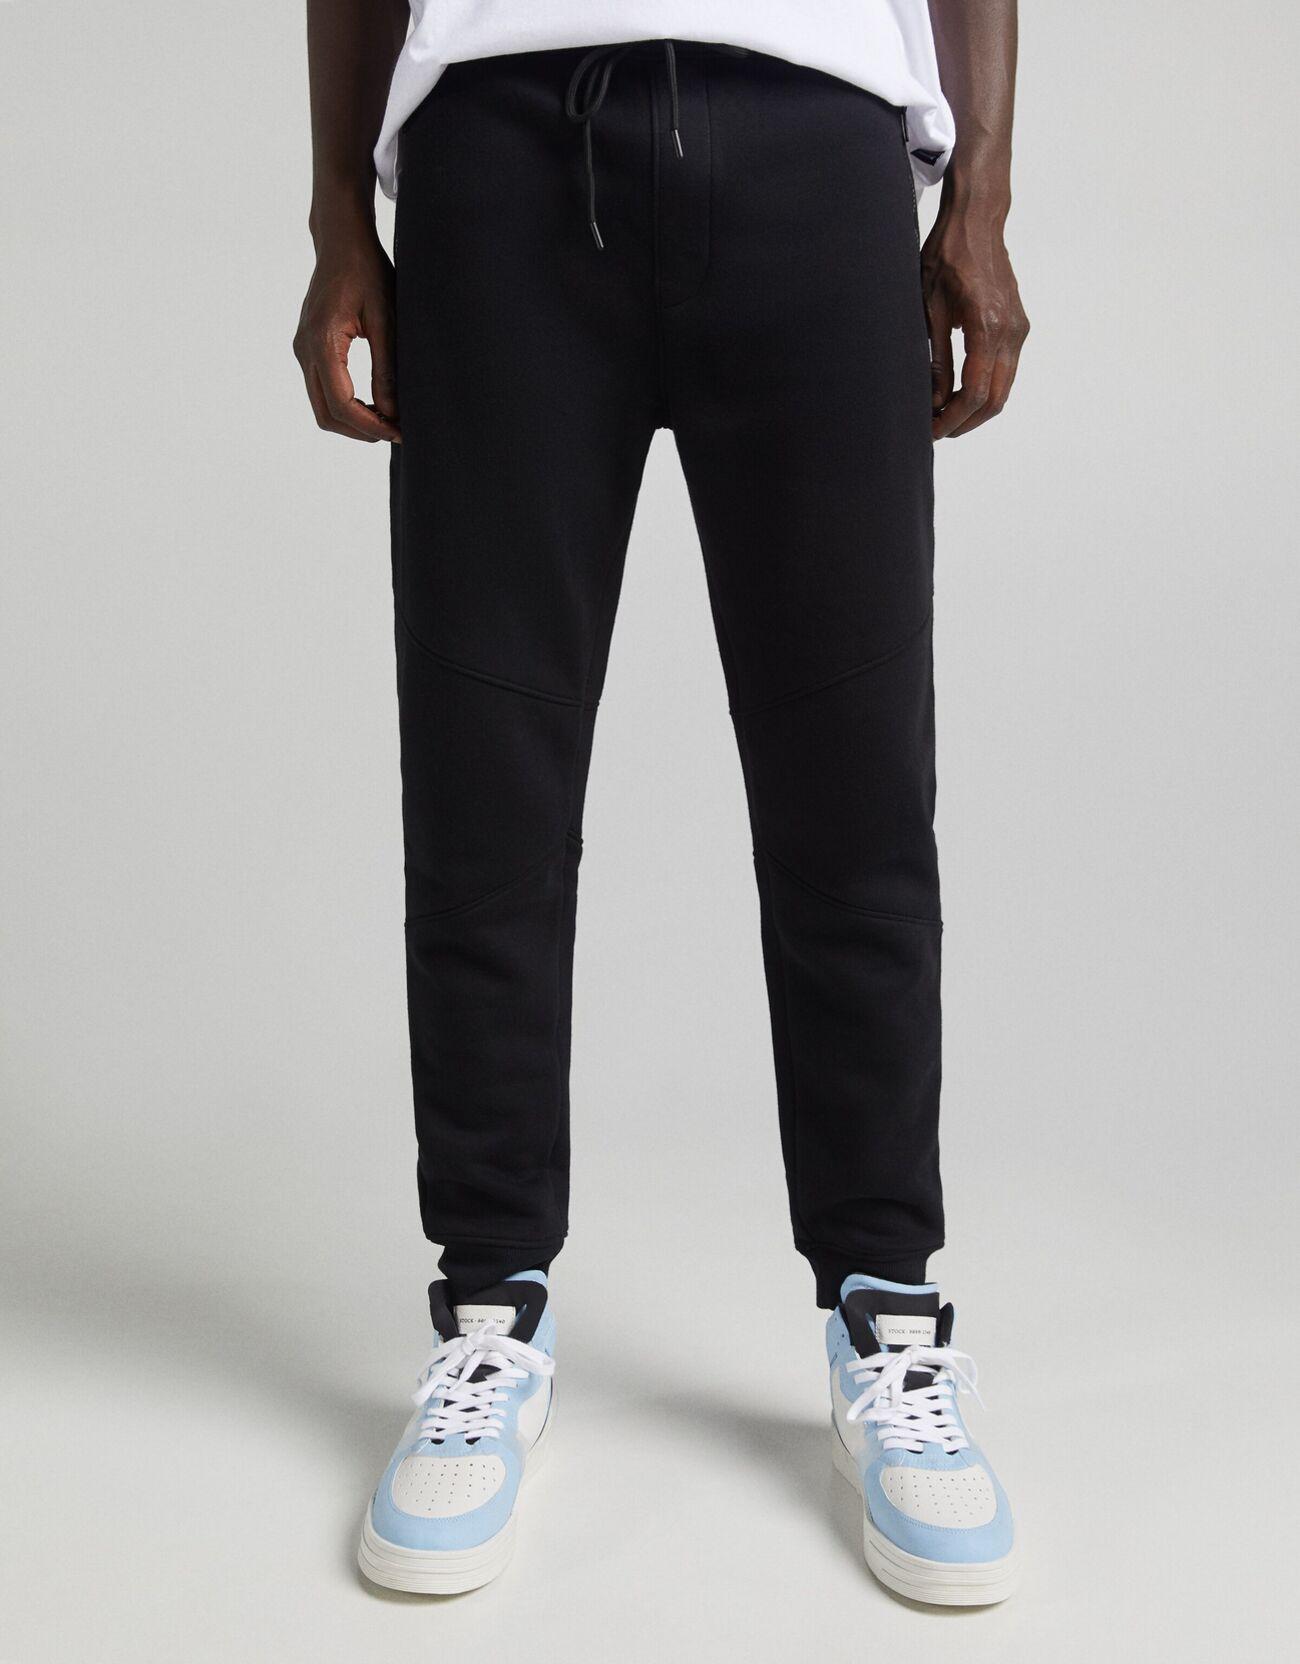 Bershka Pantalón Jogger Cremalleras Hombre L Negro